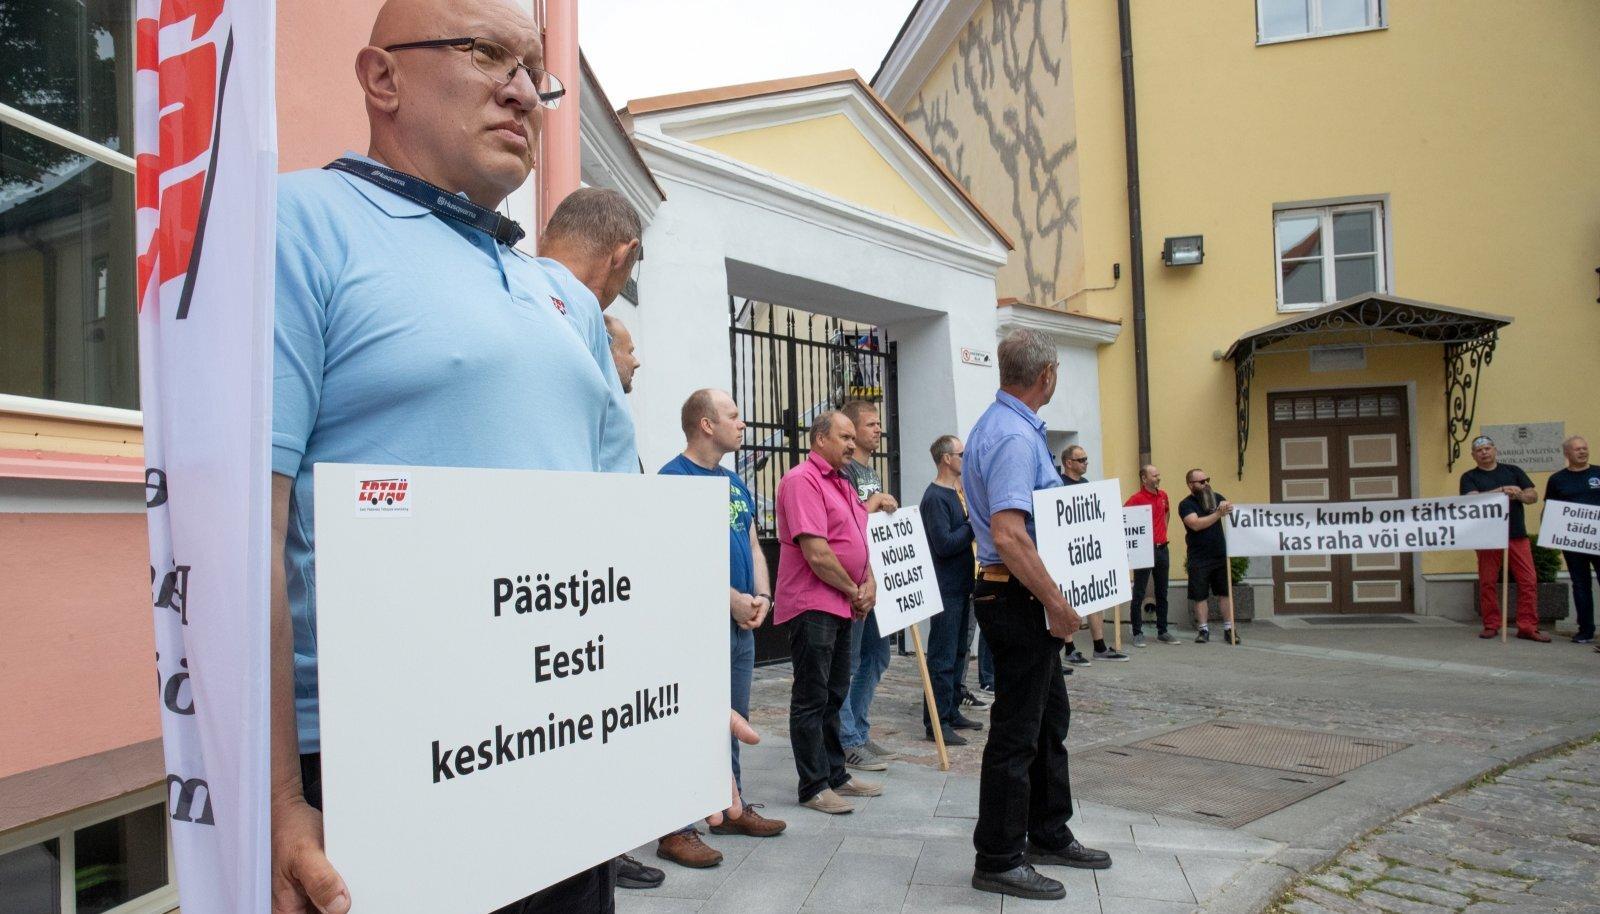 Eesti Päästeala Töötajate Ametiühing korraldas Stenbocki maja ees piketi